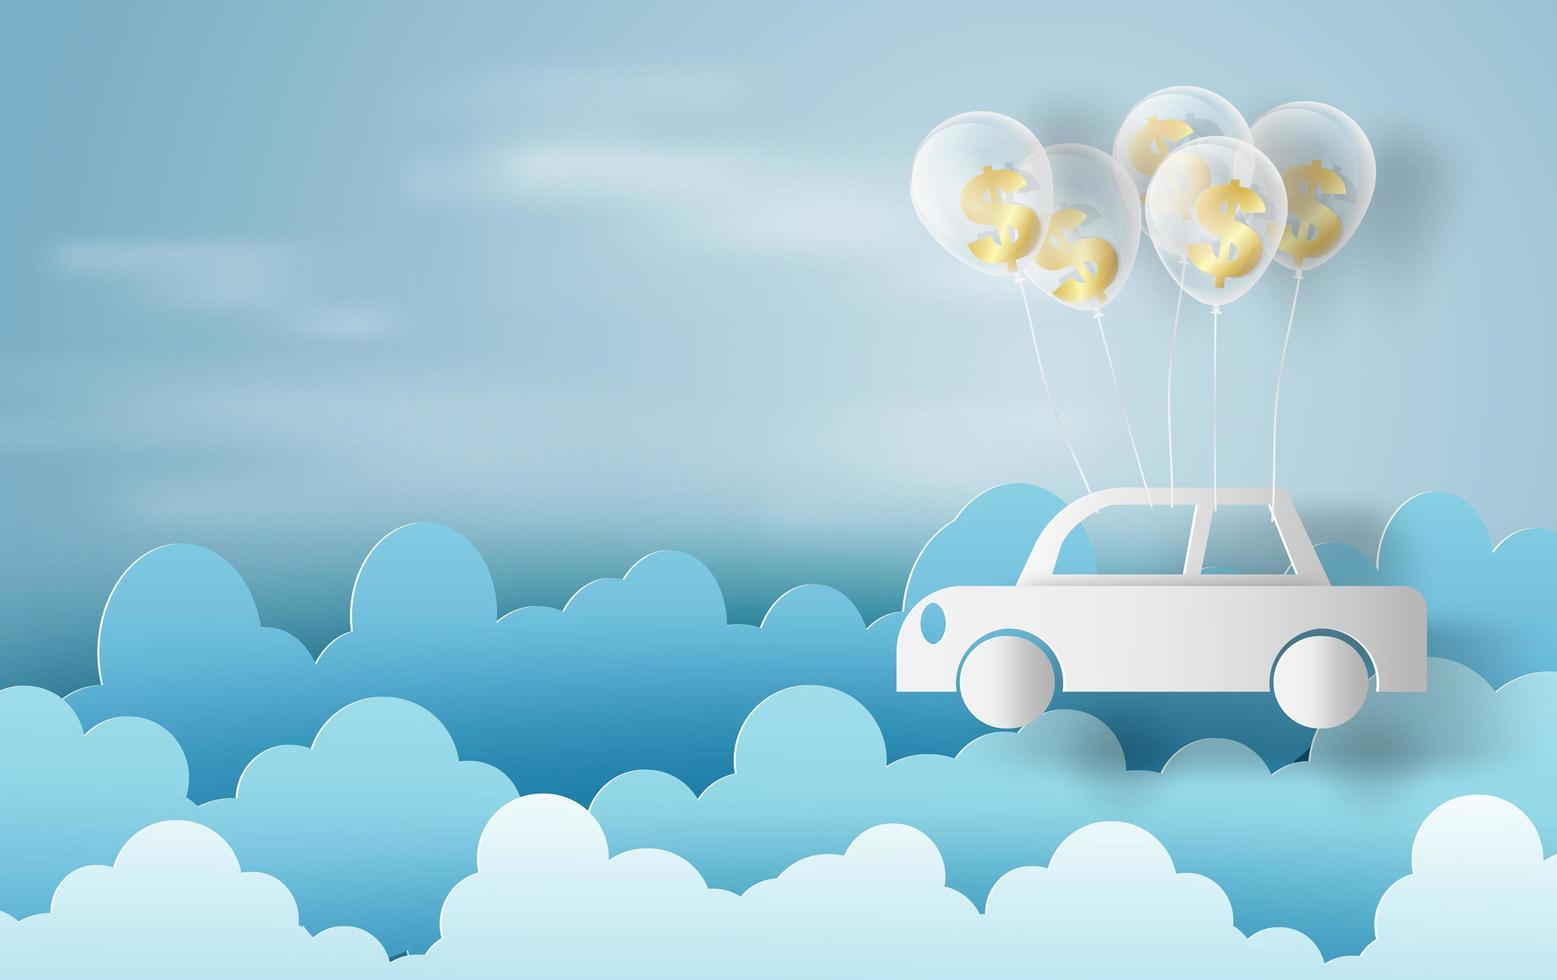 art de papier de ballons comme des nuages sur la bannière de ciel bleu avec voiture vecteur